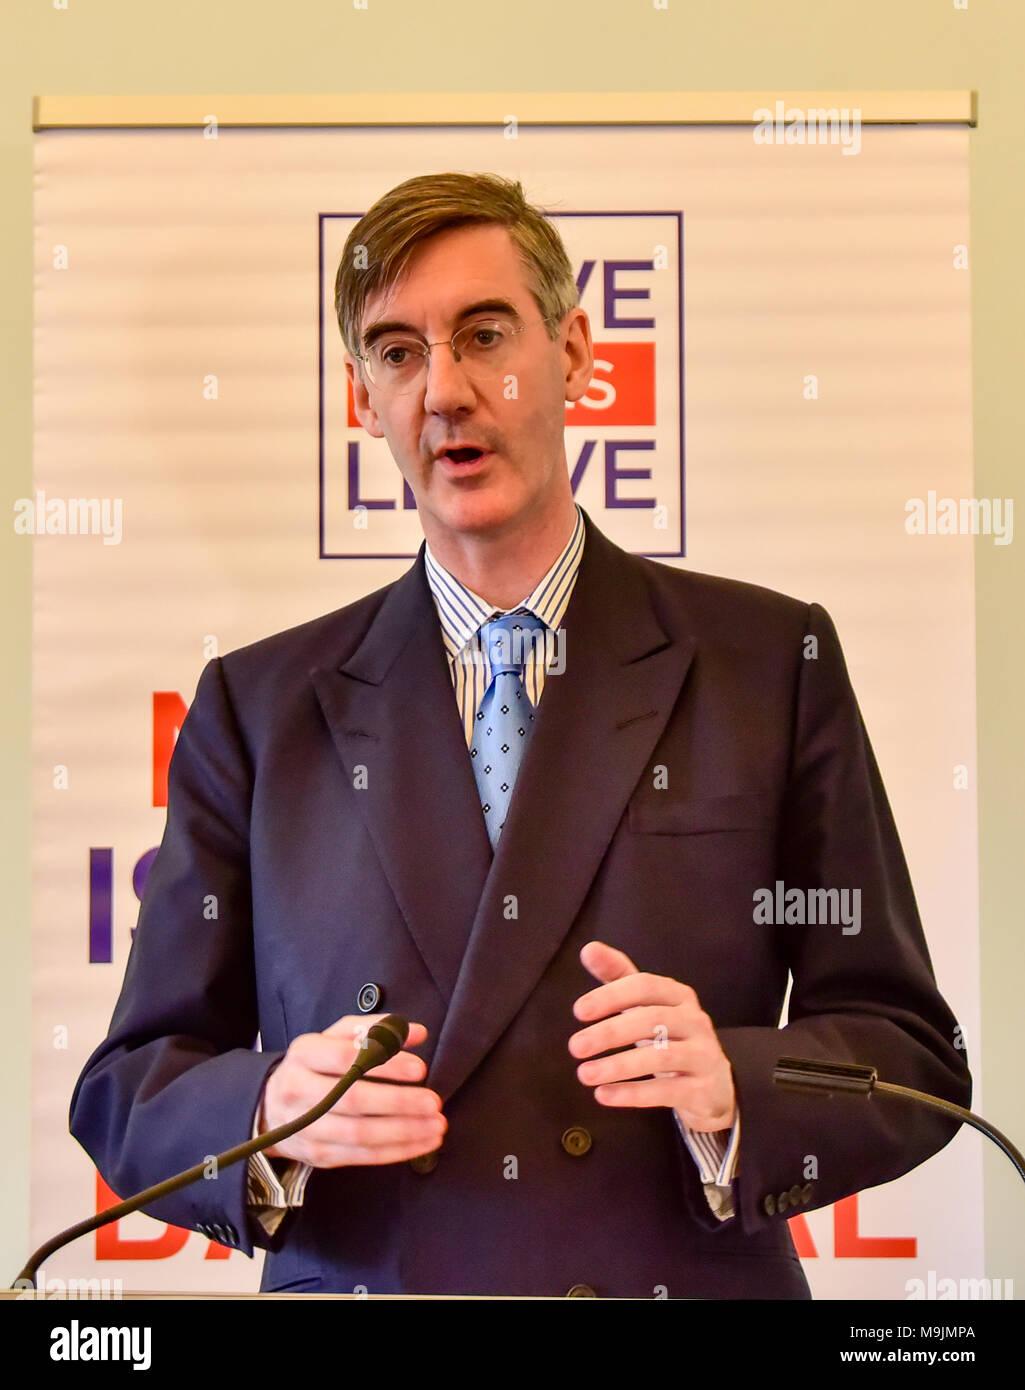 """Londres, Royaume-Uni. 27 mars 2018. Jacob Rees-Mogg Brexit donne un discours lors d'un événement désigne le congé congé dans le centre de Londres. Le député conservateur Rees-Mogg claquée Bruxelles pour son """"approche de l'intimidation"""" et a dit qu'ils ont entamé des négociations """"dans l'esprit de qu'ils connaissent le mieux et nous devons faire comme on nous dit"""". Crédit: Peter Manning/Alamy Live News Banque D'Images"""